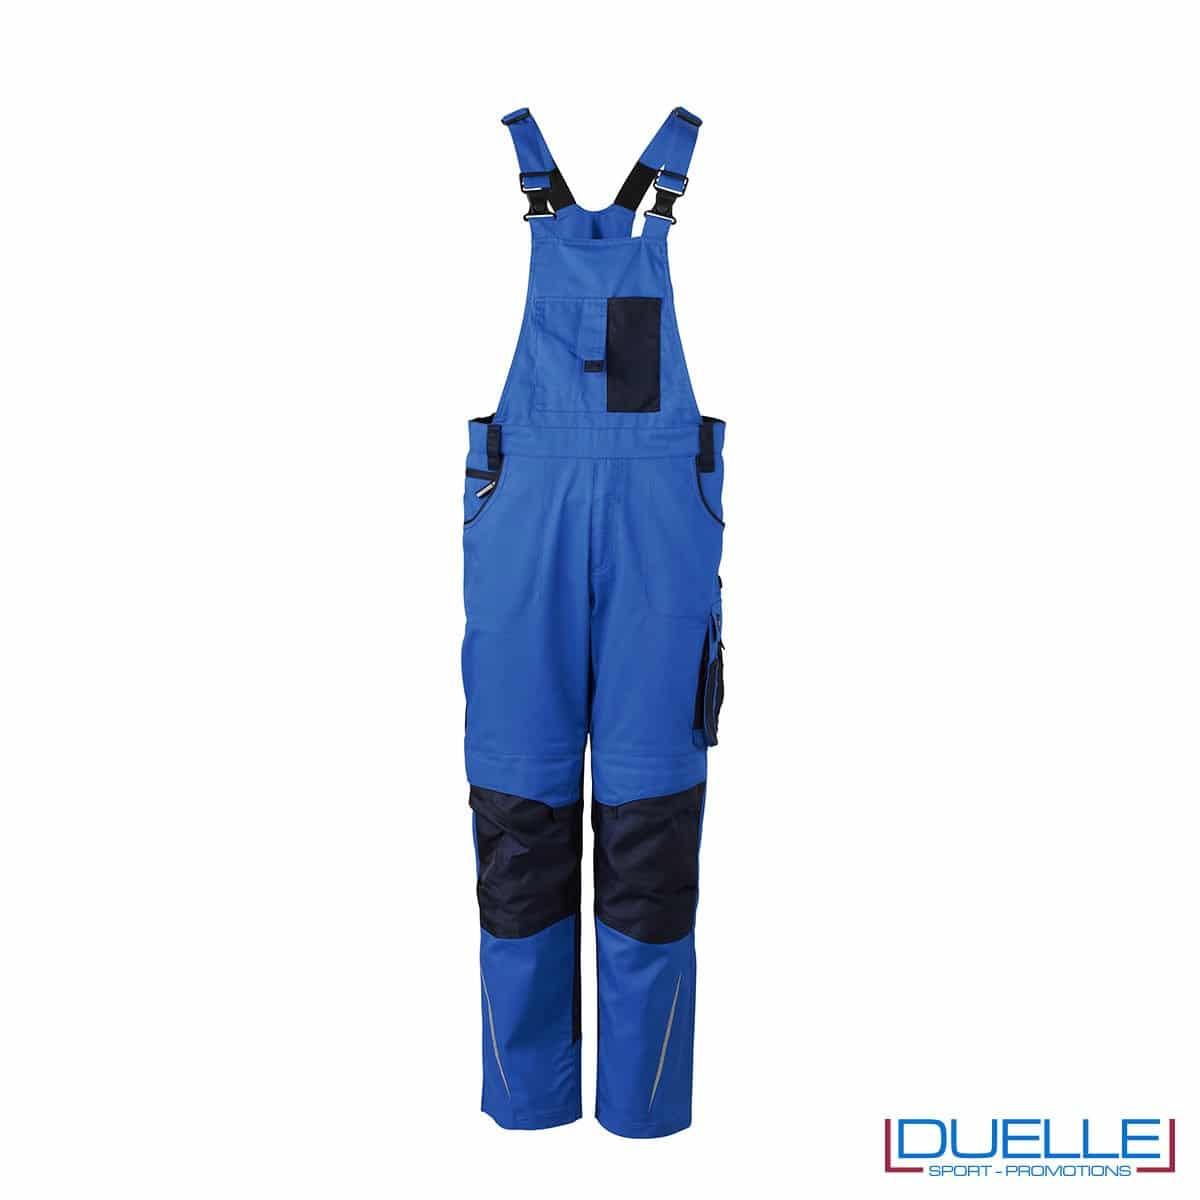 Salopette da lavoro personalizzata in colore blu royal